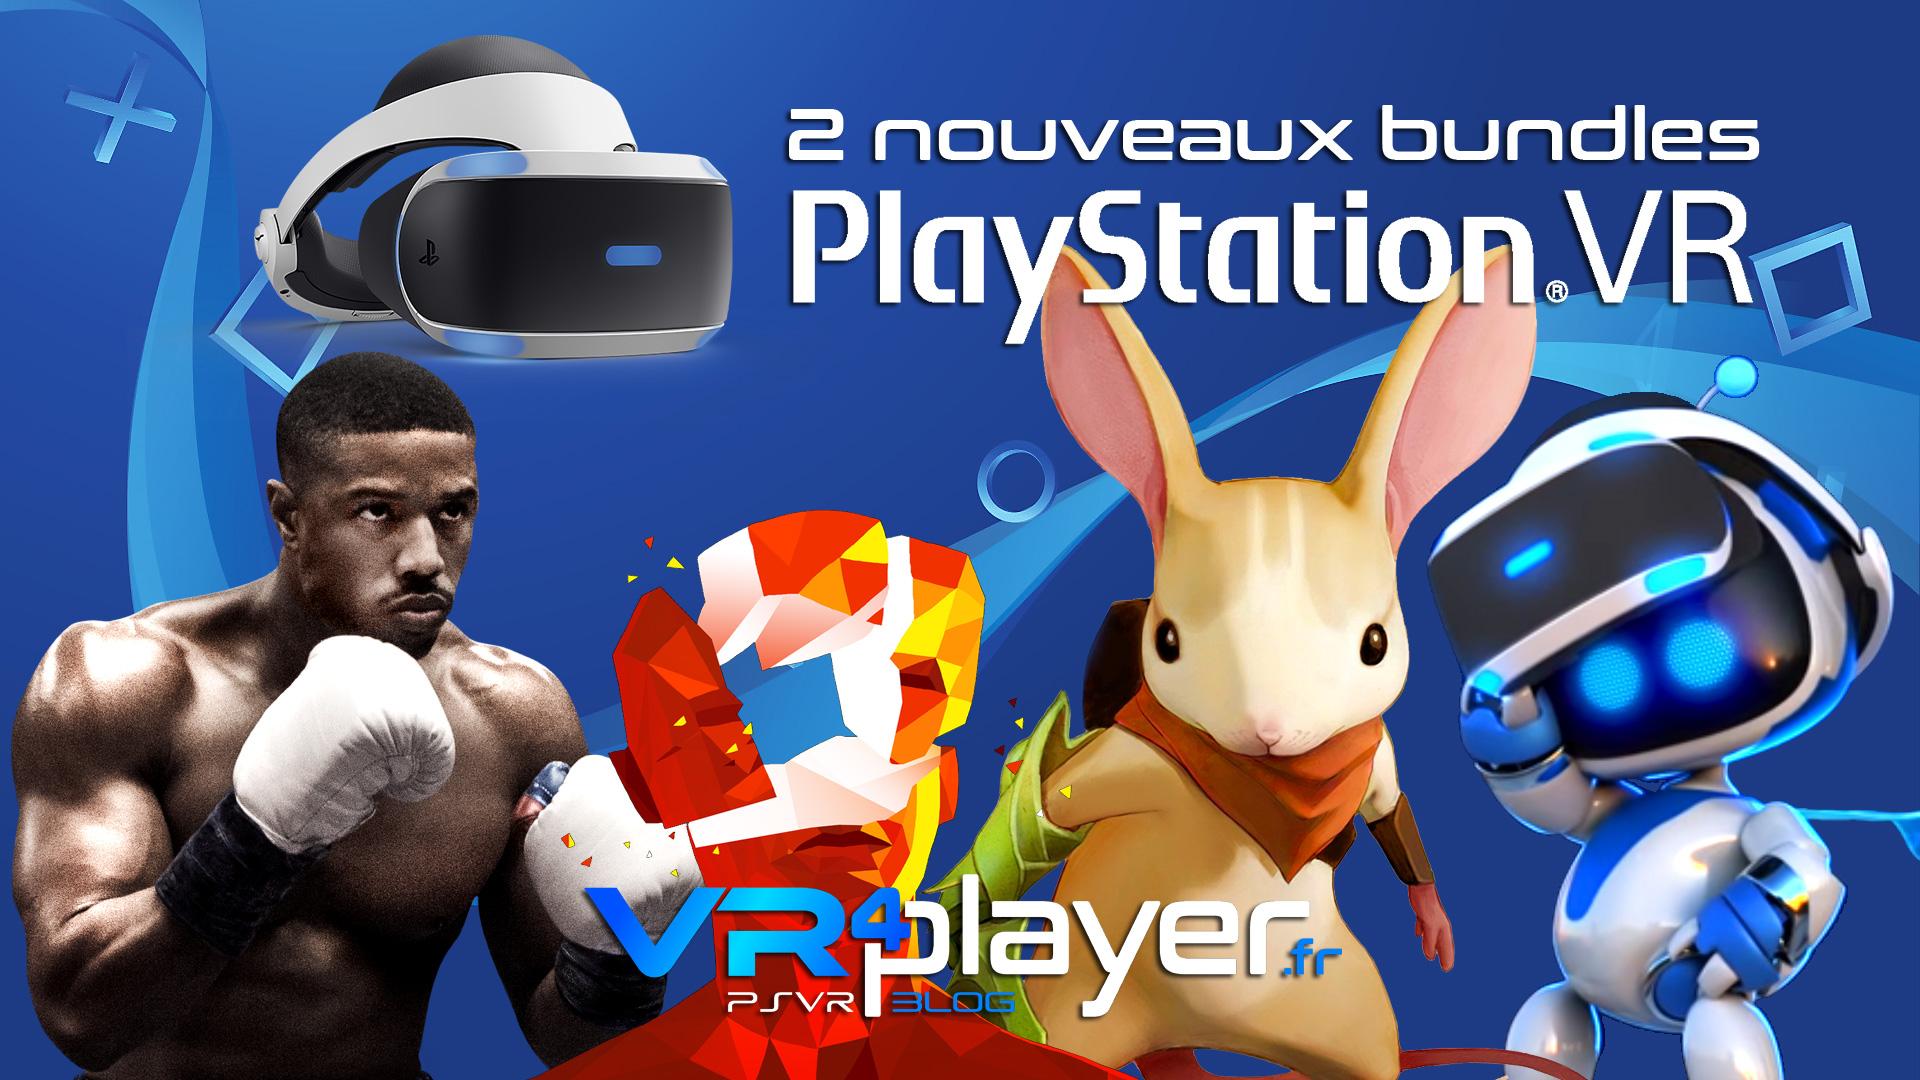 2 nouveaux bundles PSVR - vr4player.fr